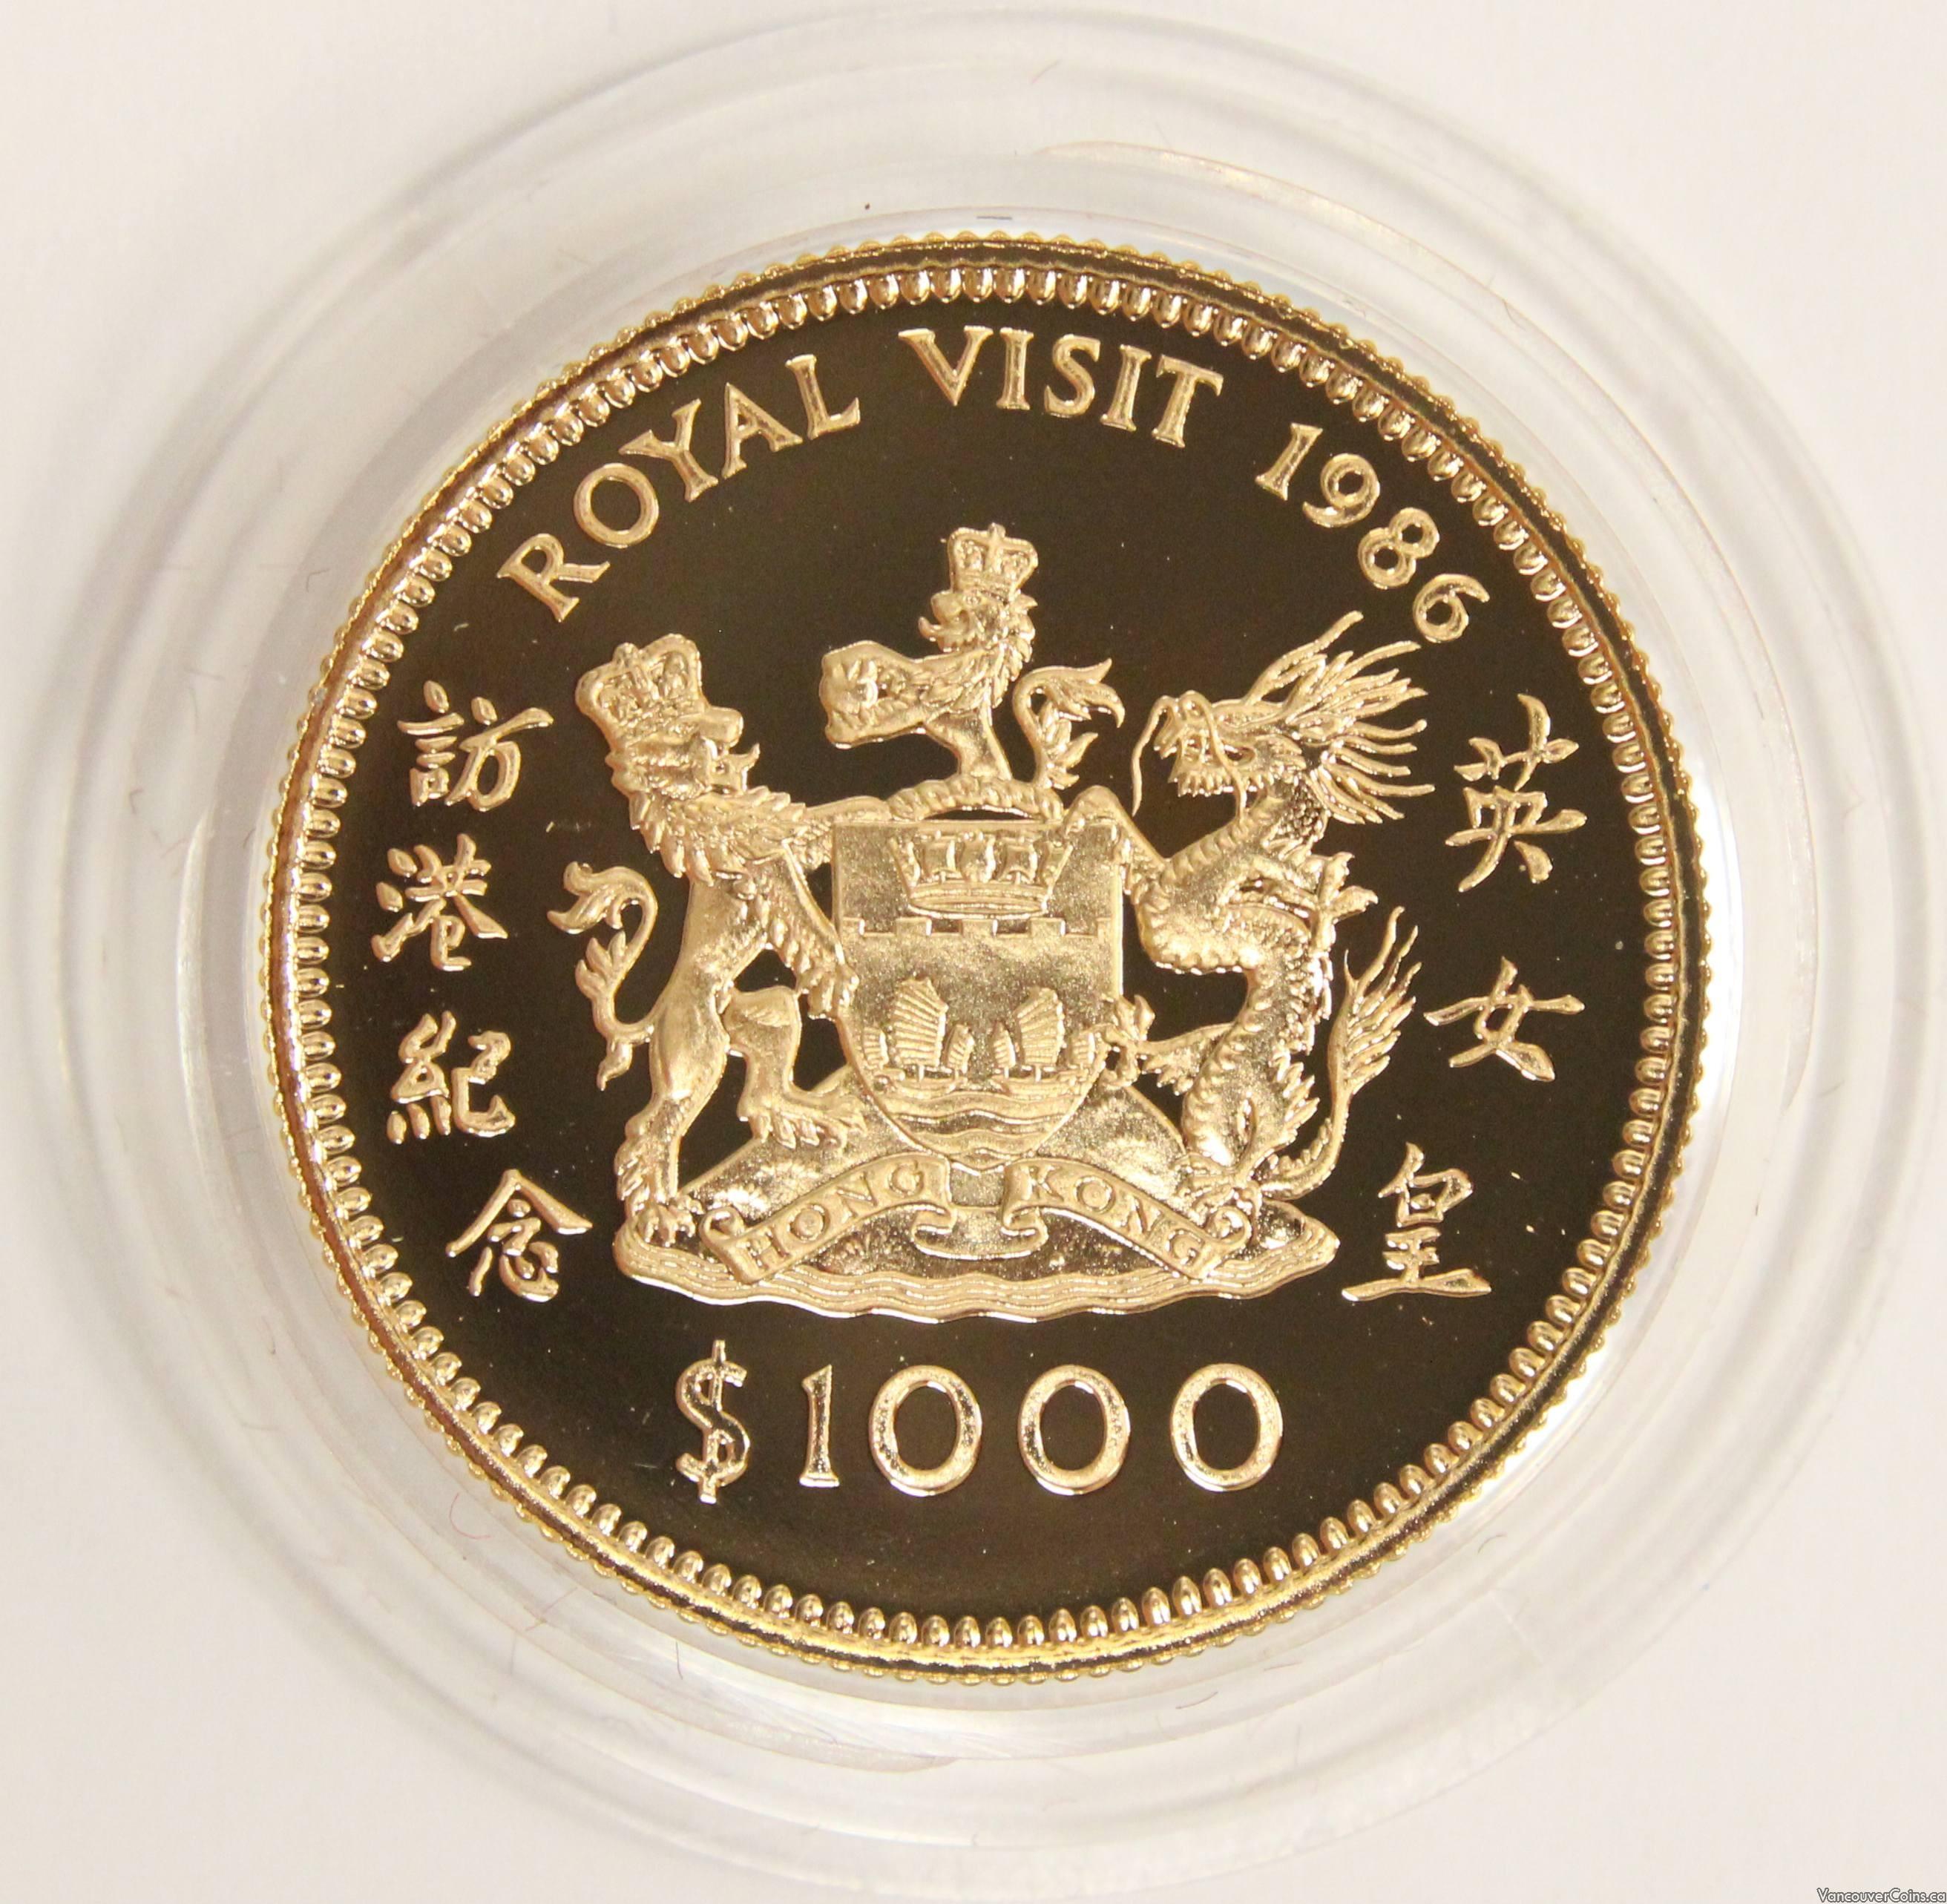 $1000 Hong Kong Gold coin 1986 Year of the ROYAL VISIT Gem Cameo Proof